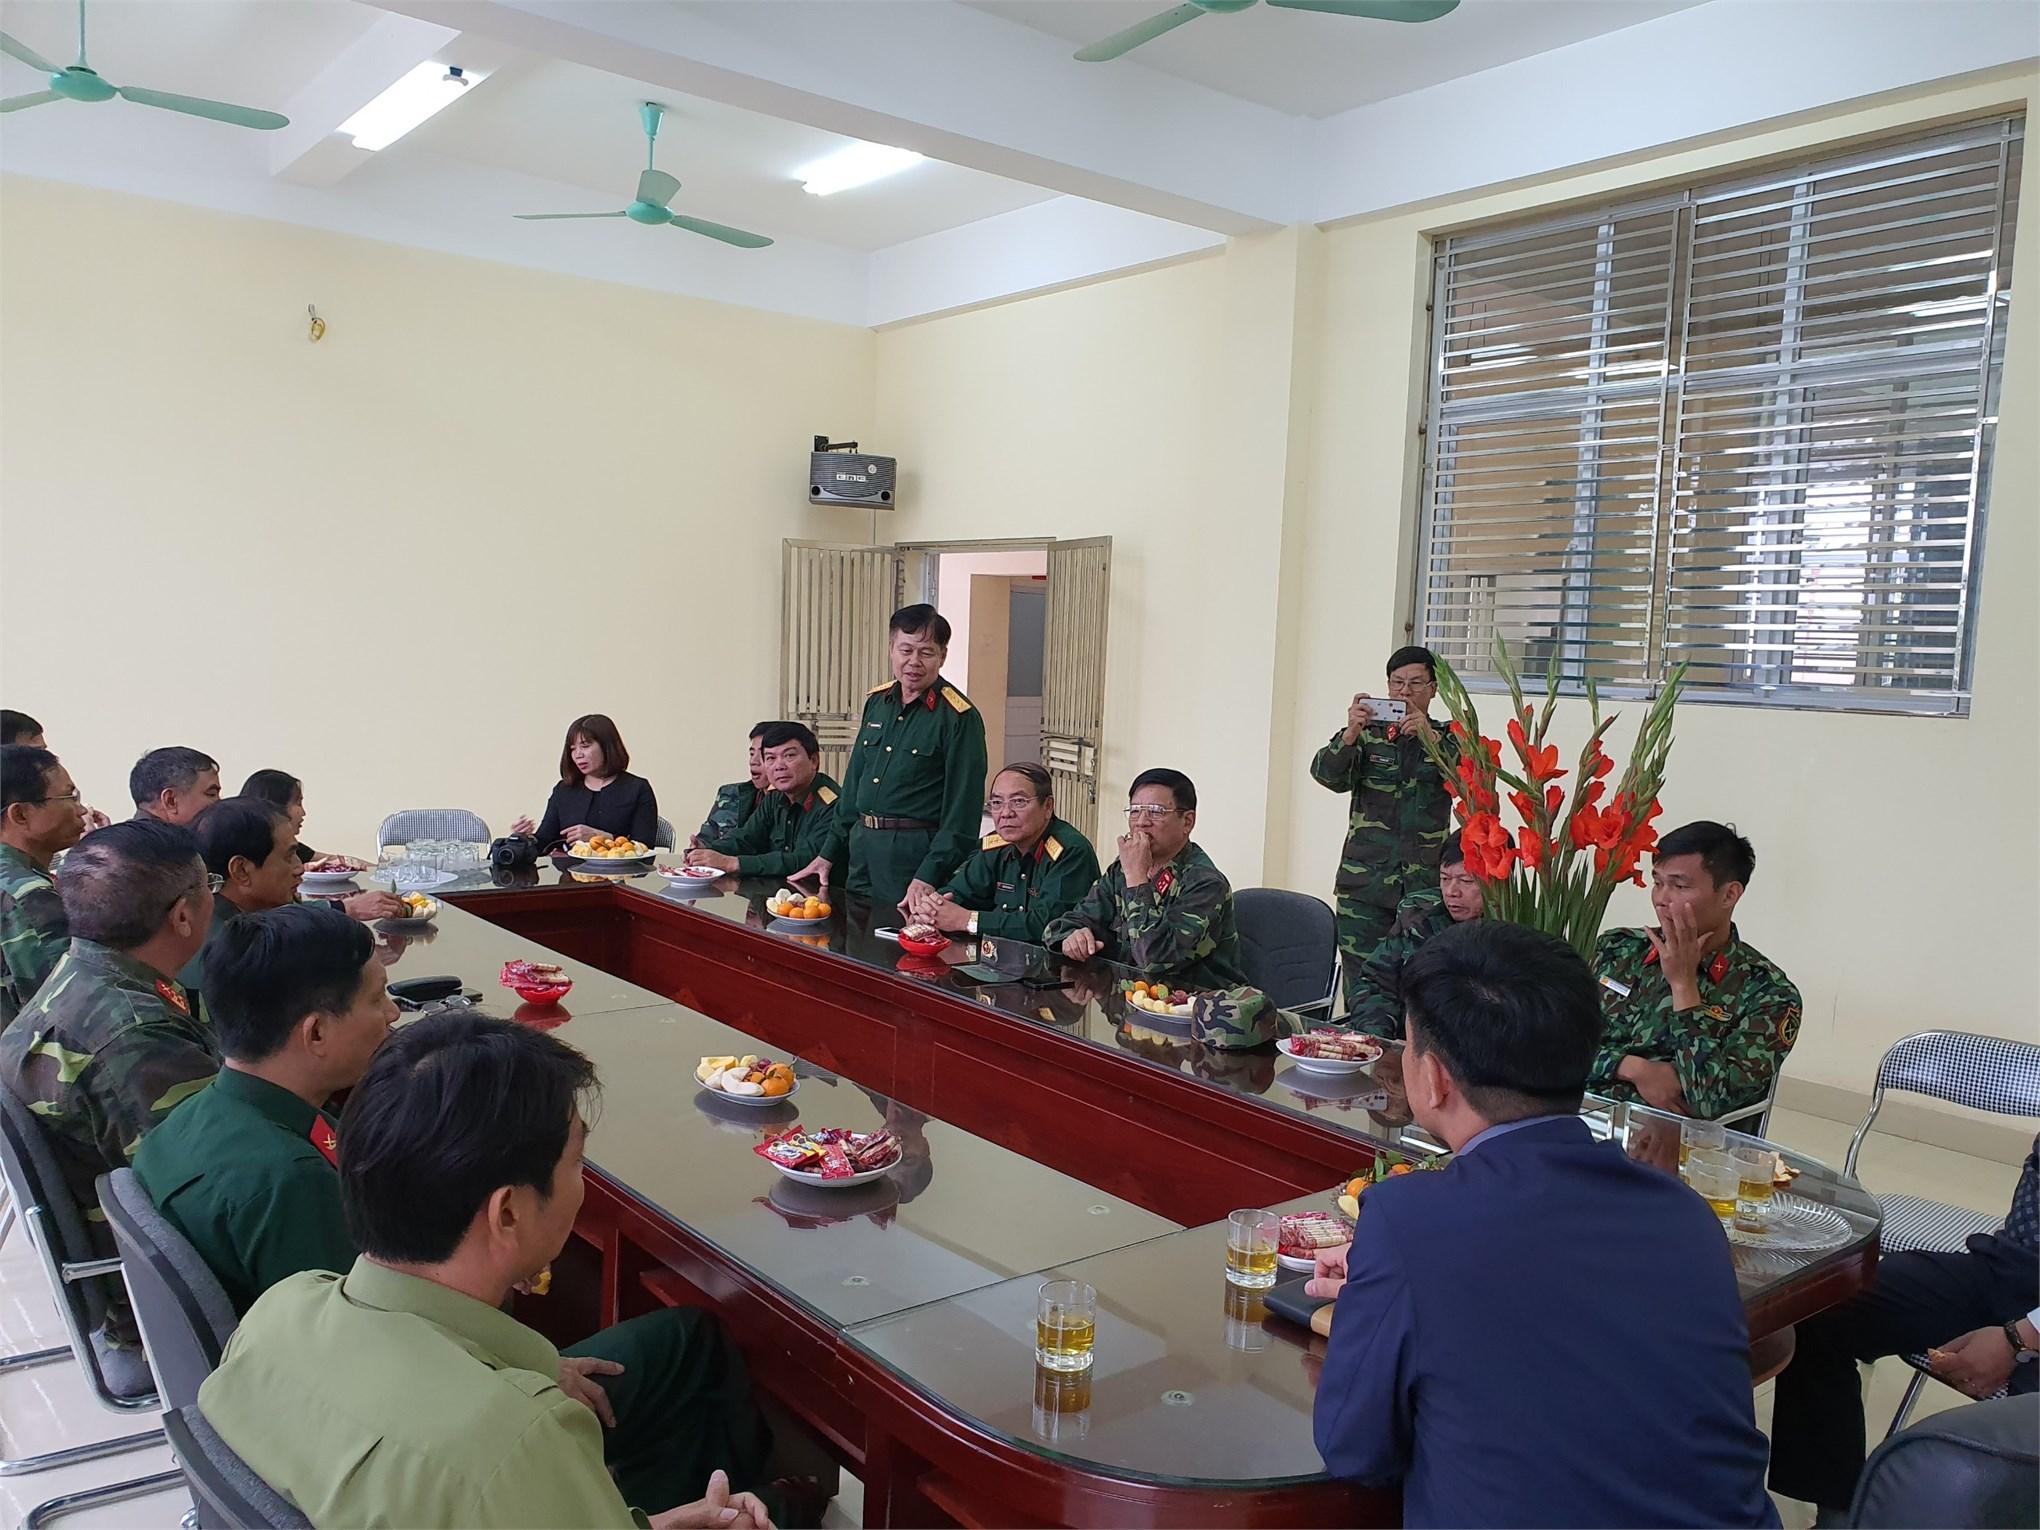 Trung tâm Giáo dục Quốc phòng và An ninh tổ chức gặp mặt ngày Nhà giáo Việt Nam